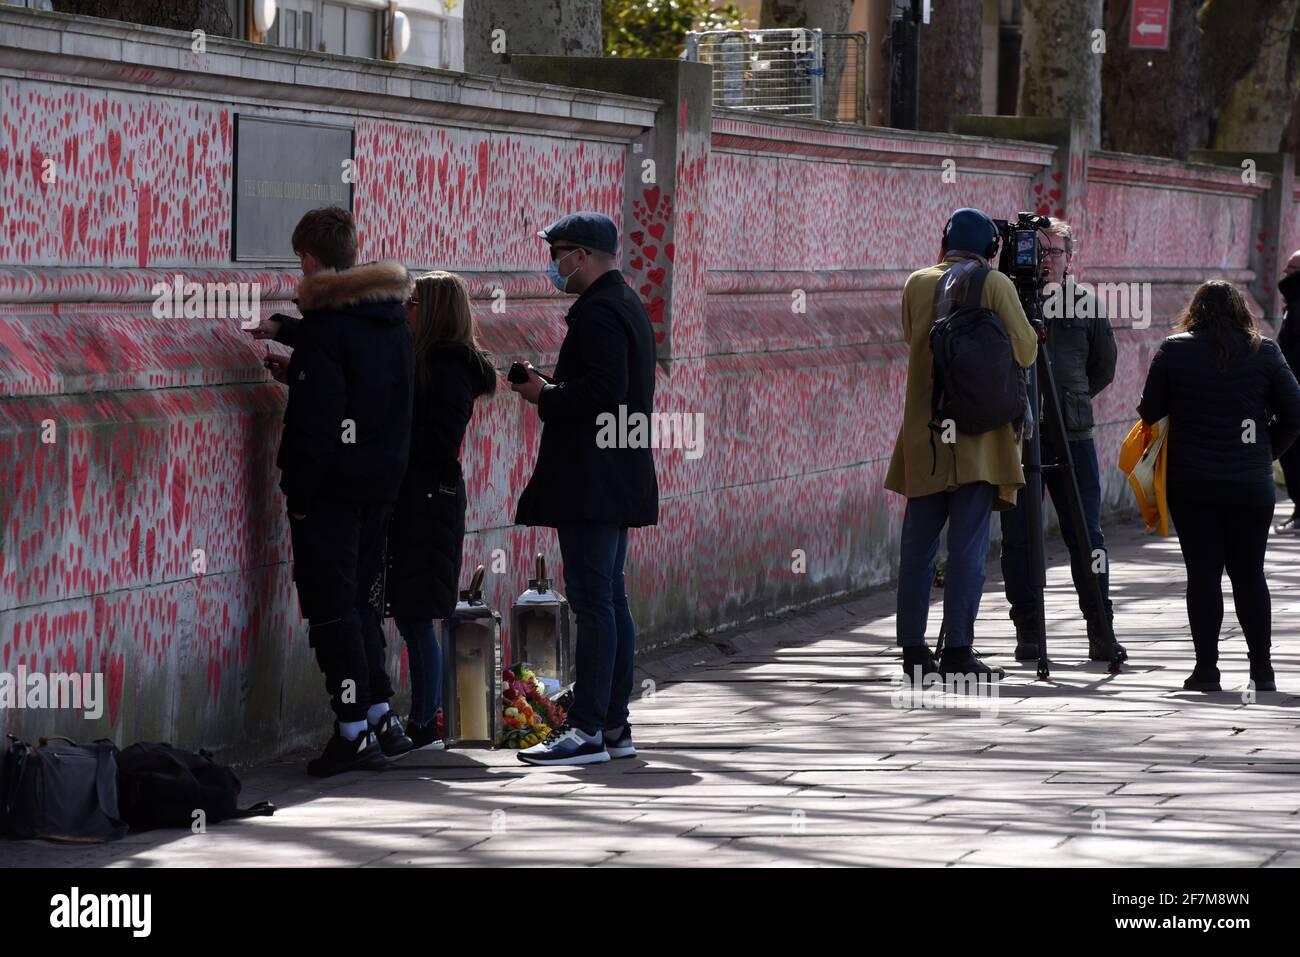 Londres, le 2021 avril : le mur national du Covid Memorial à l'extérieur de l'hôpital St Thomas, sur le chemin Albert Embankment, près de la Tamise à Londres Banque D'Images